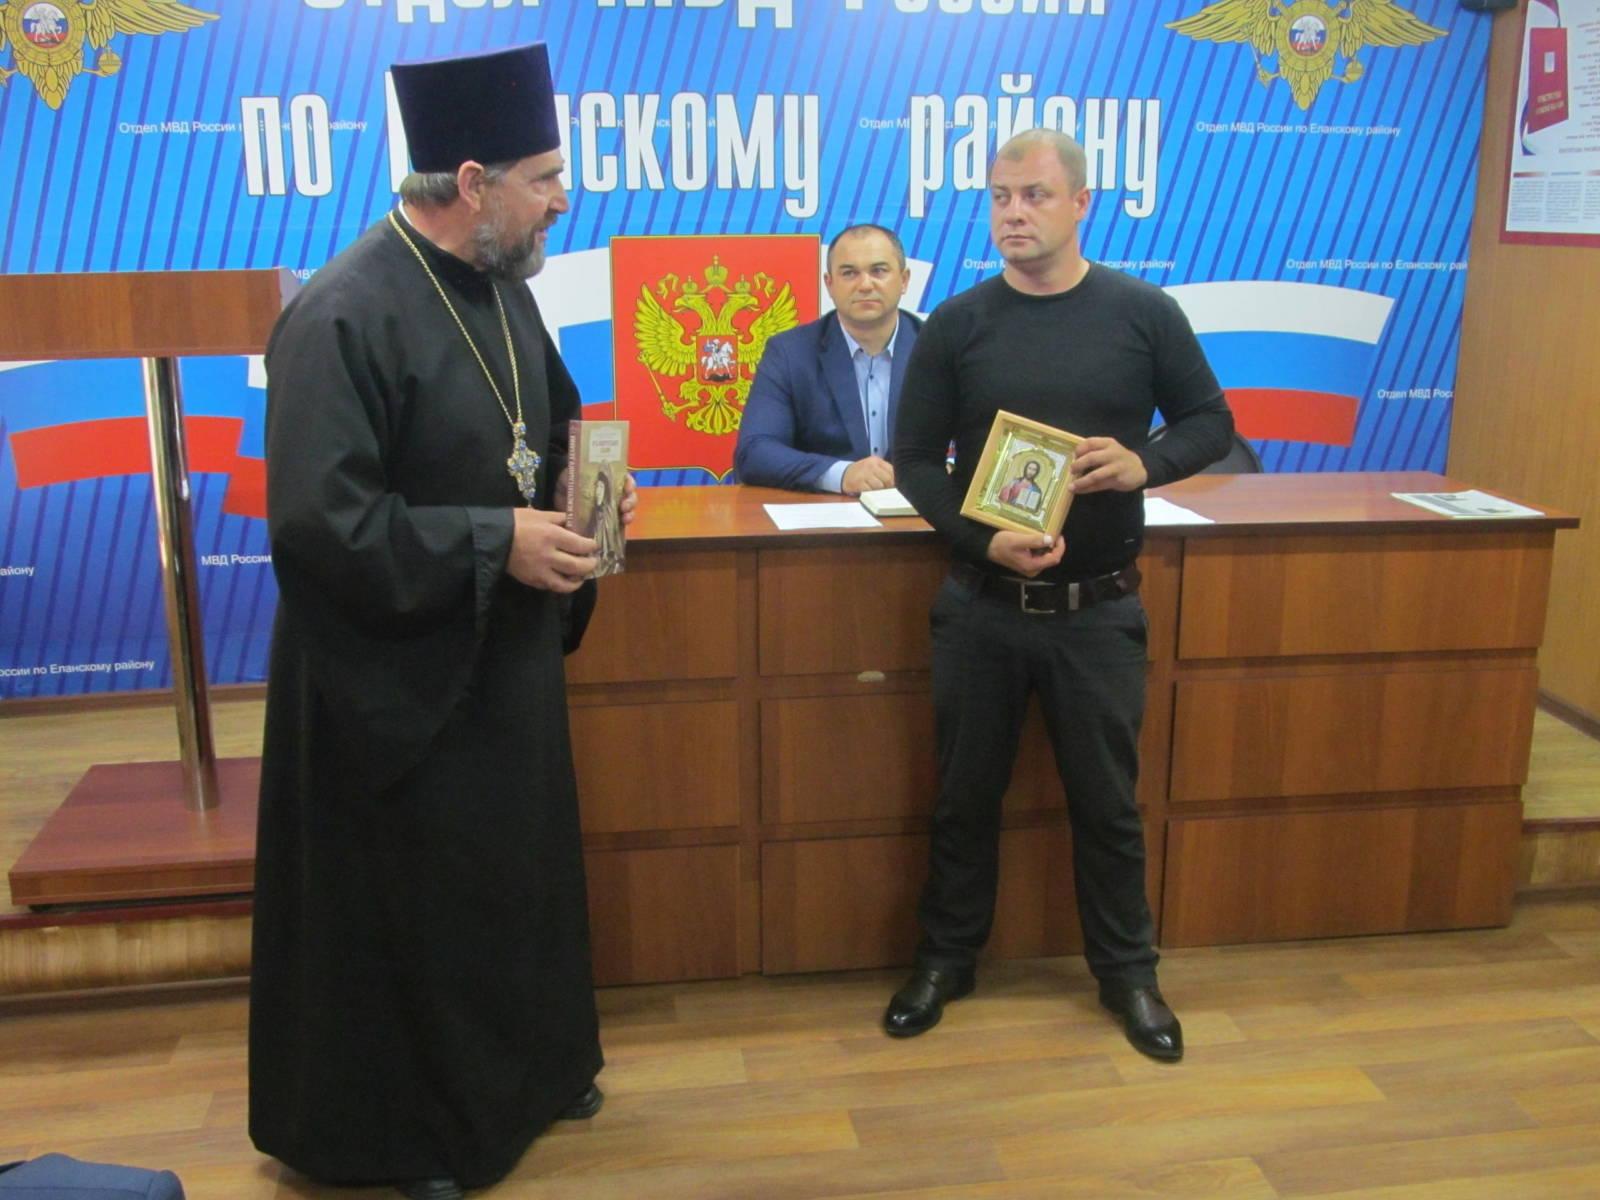 Священник поздравил сотрудников угрозыска